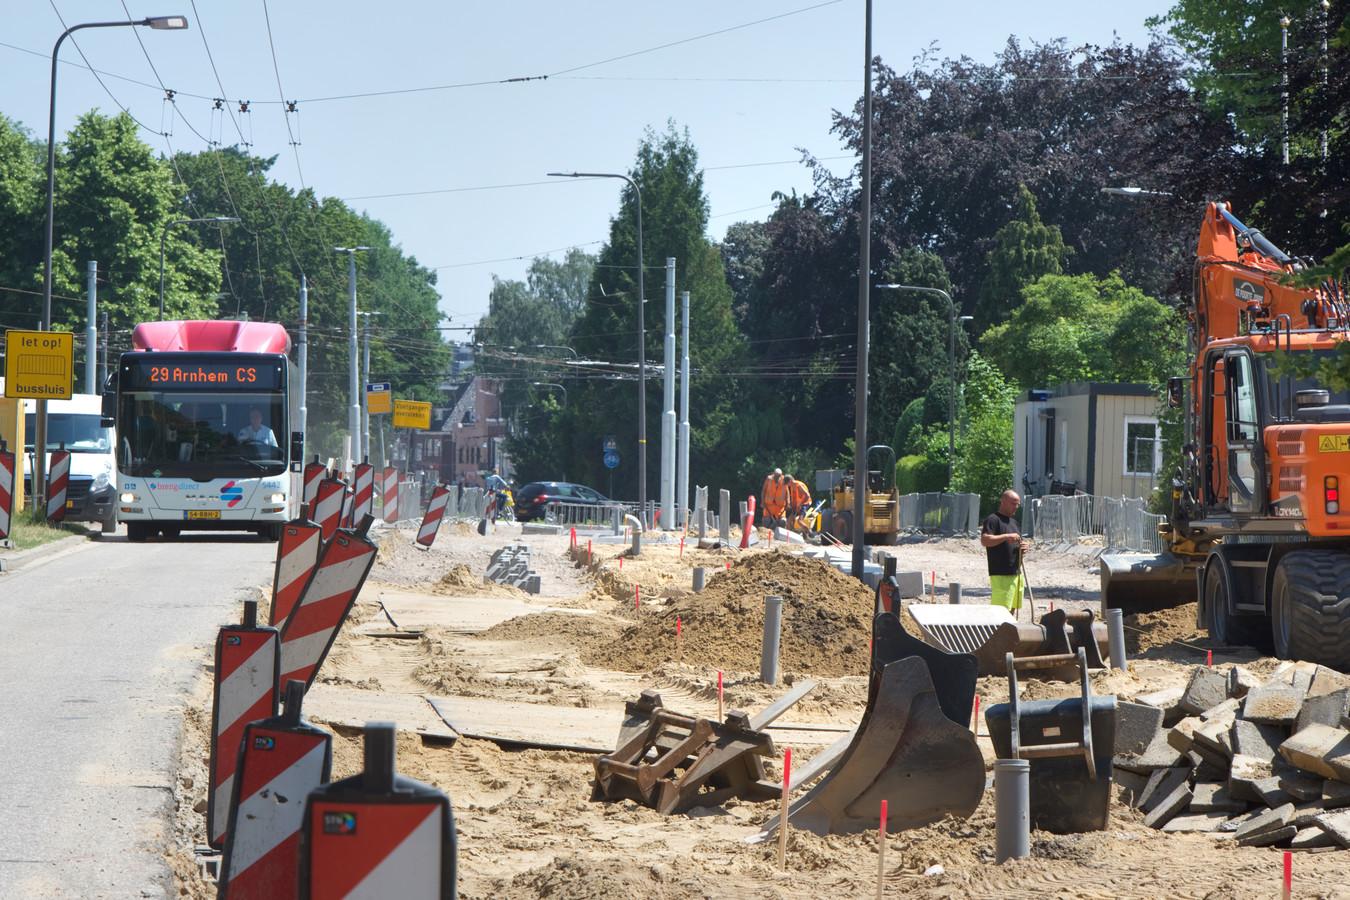 De Arnhemsestraatweg woensdagmiddag. De trolley naar Arnhem wurmt zich over de smalle rijbaan die langs de werkzaamheden voert.